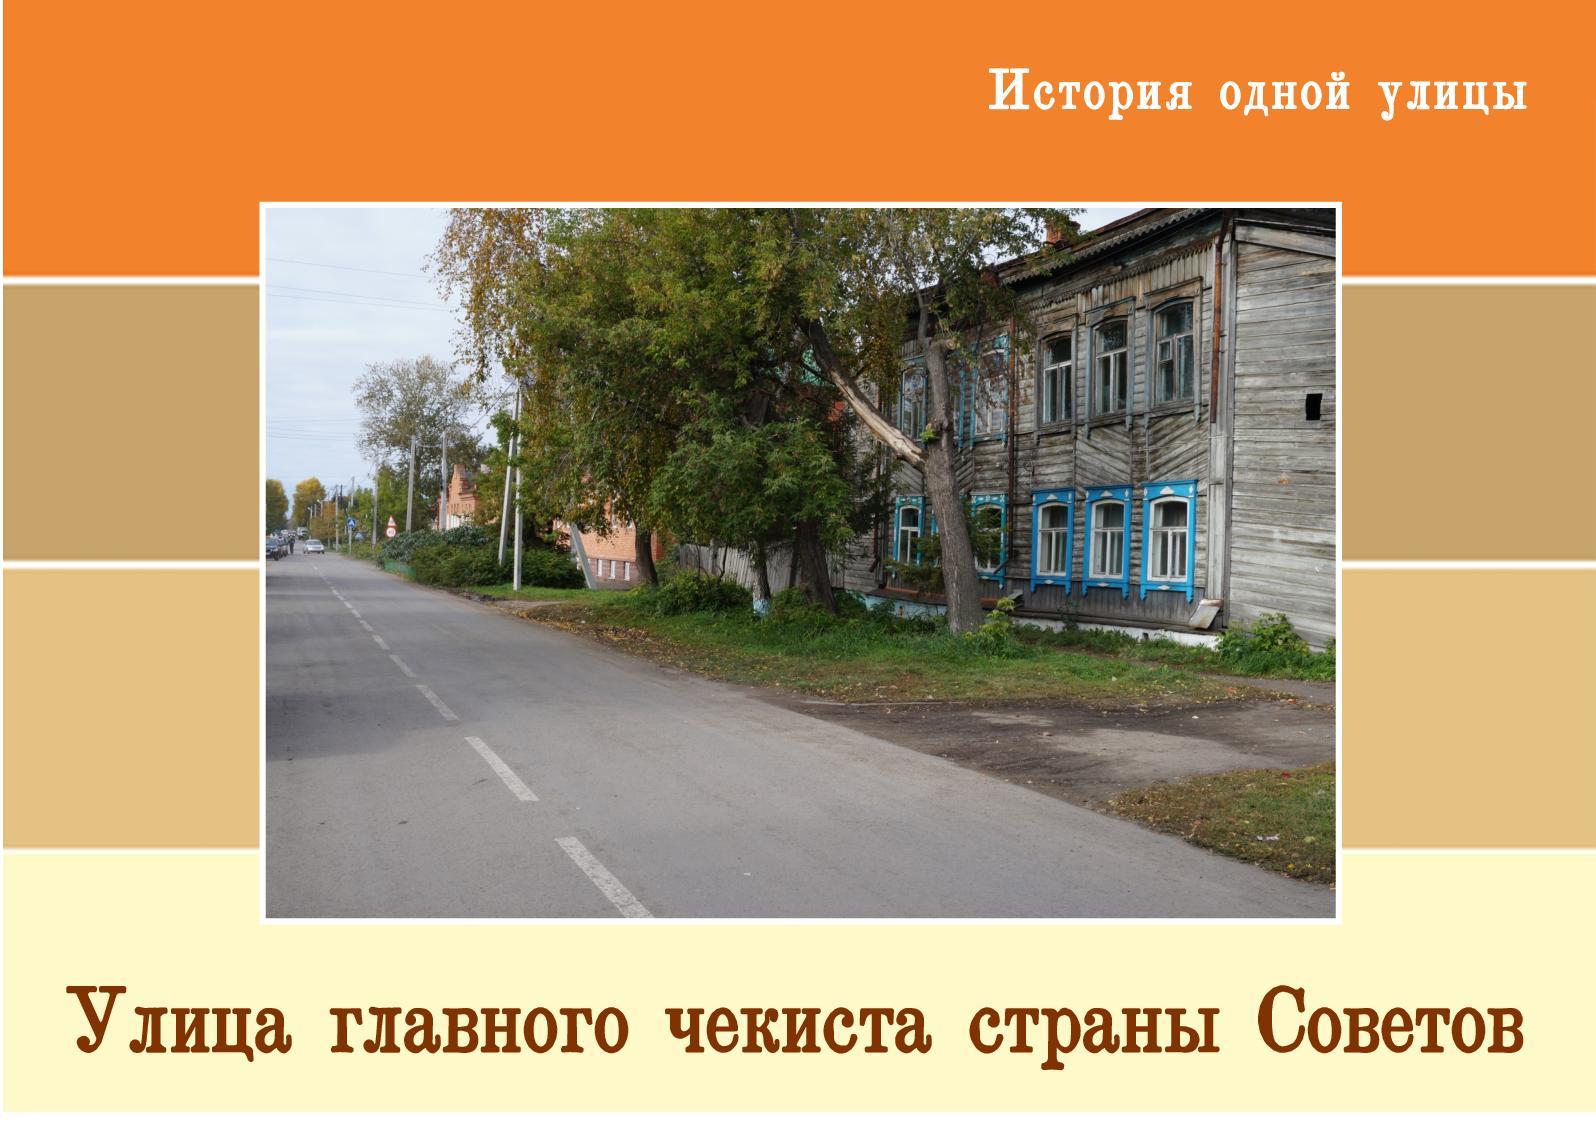 Улица главного чекиста страны Советов